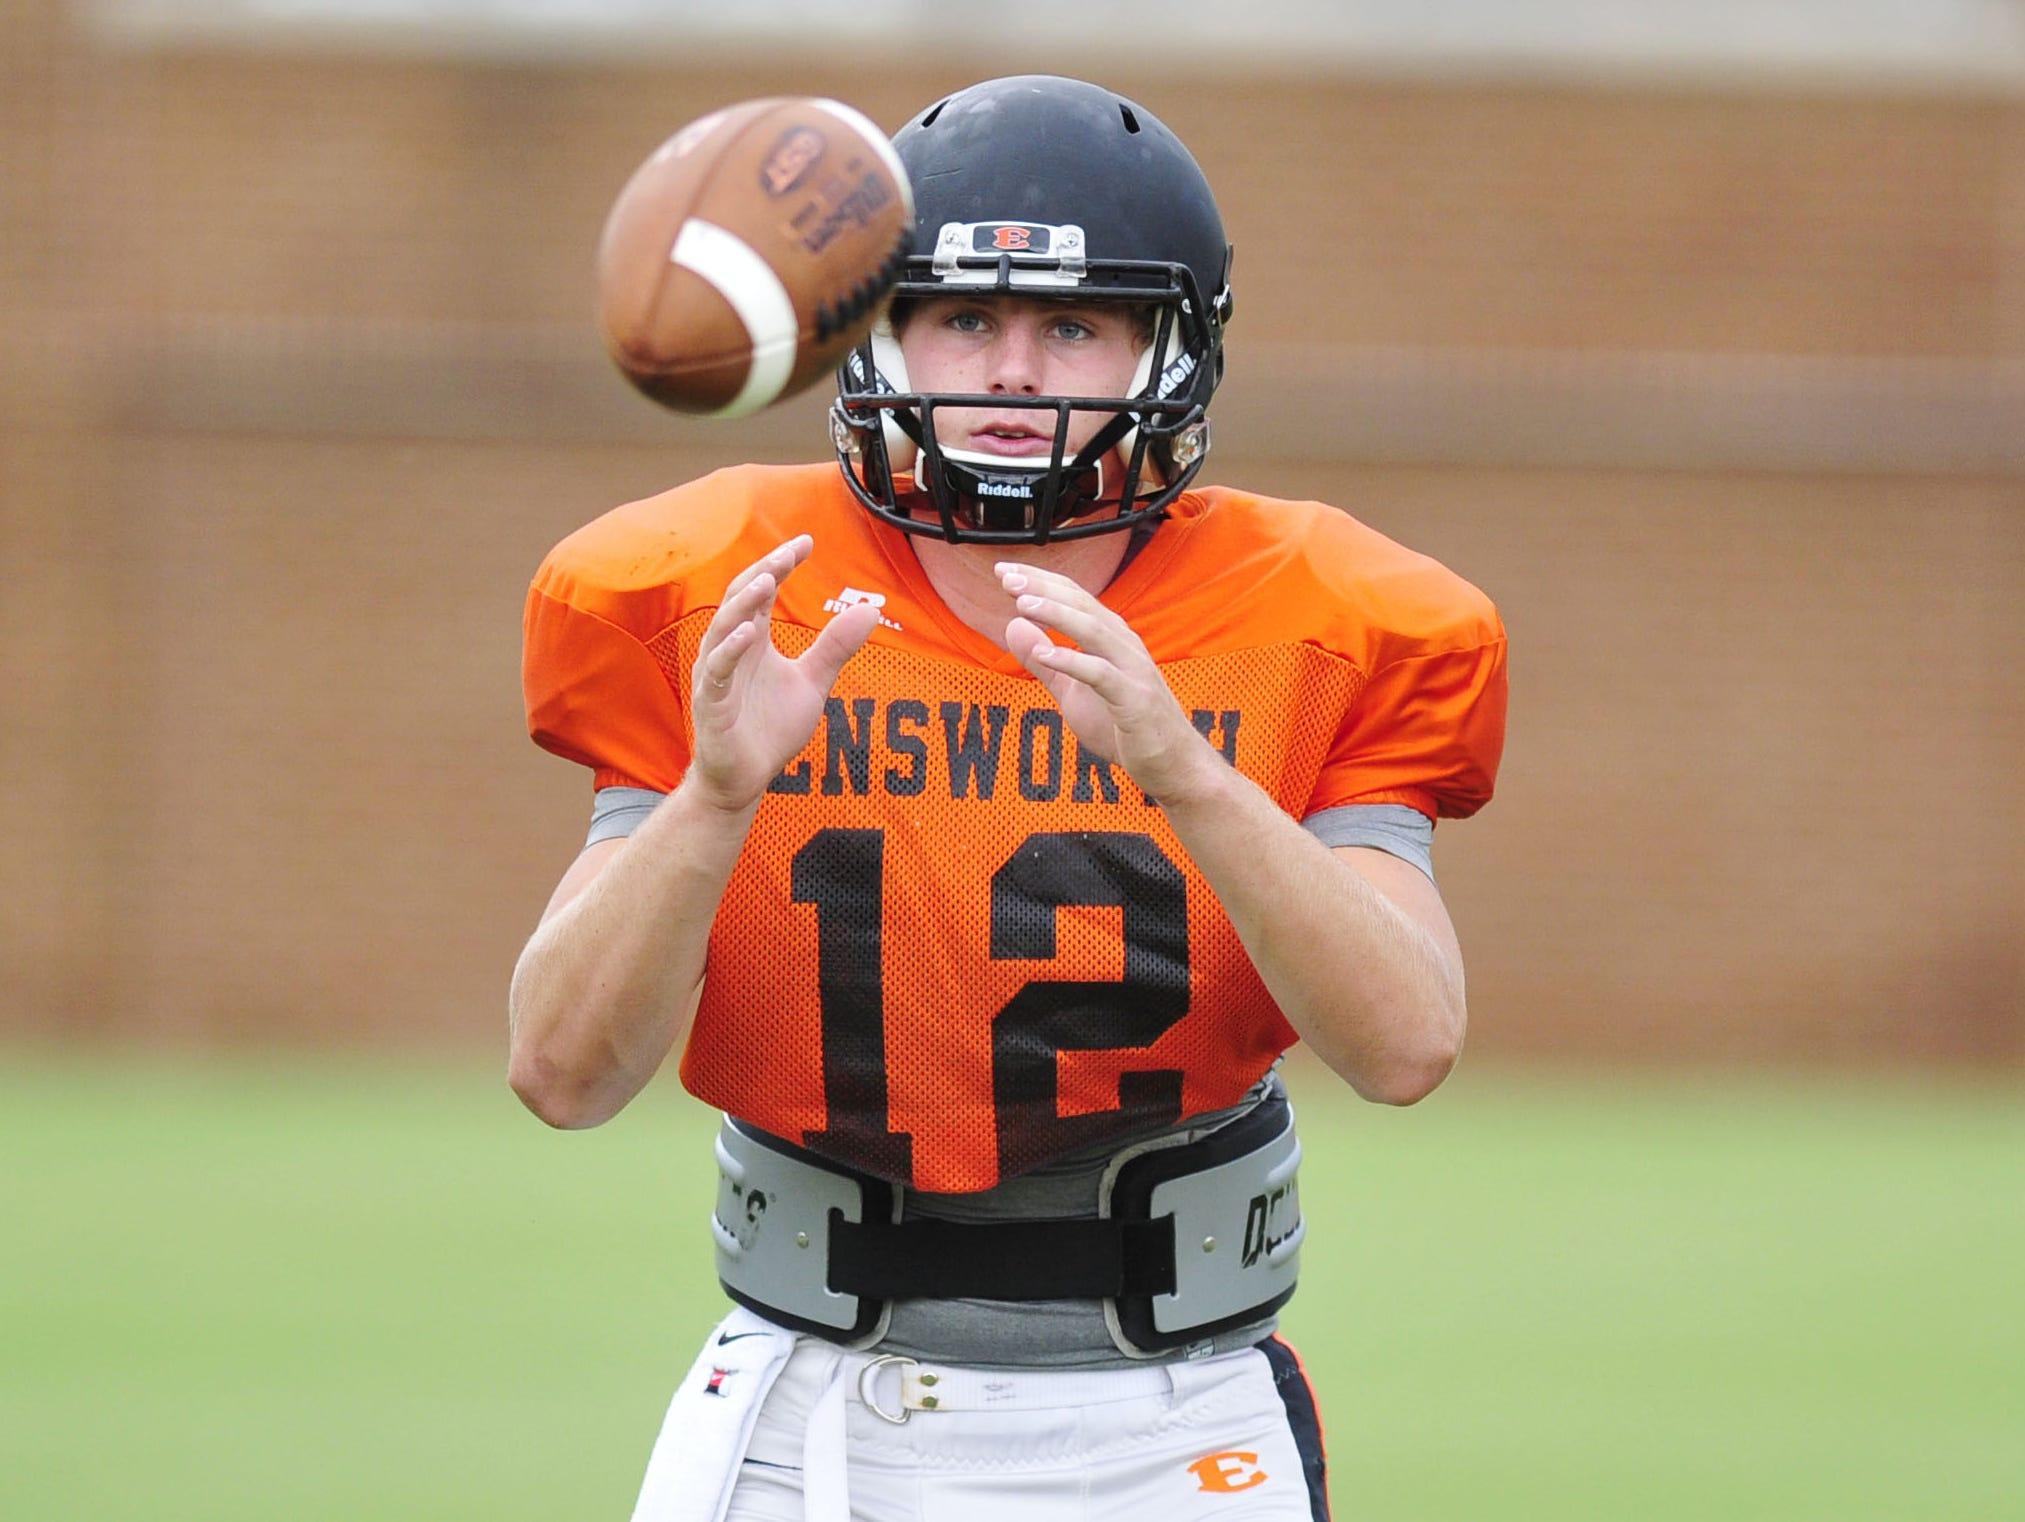 Ensworth quarterback Coleman Goodwin.